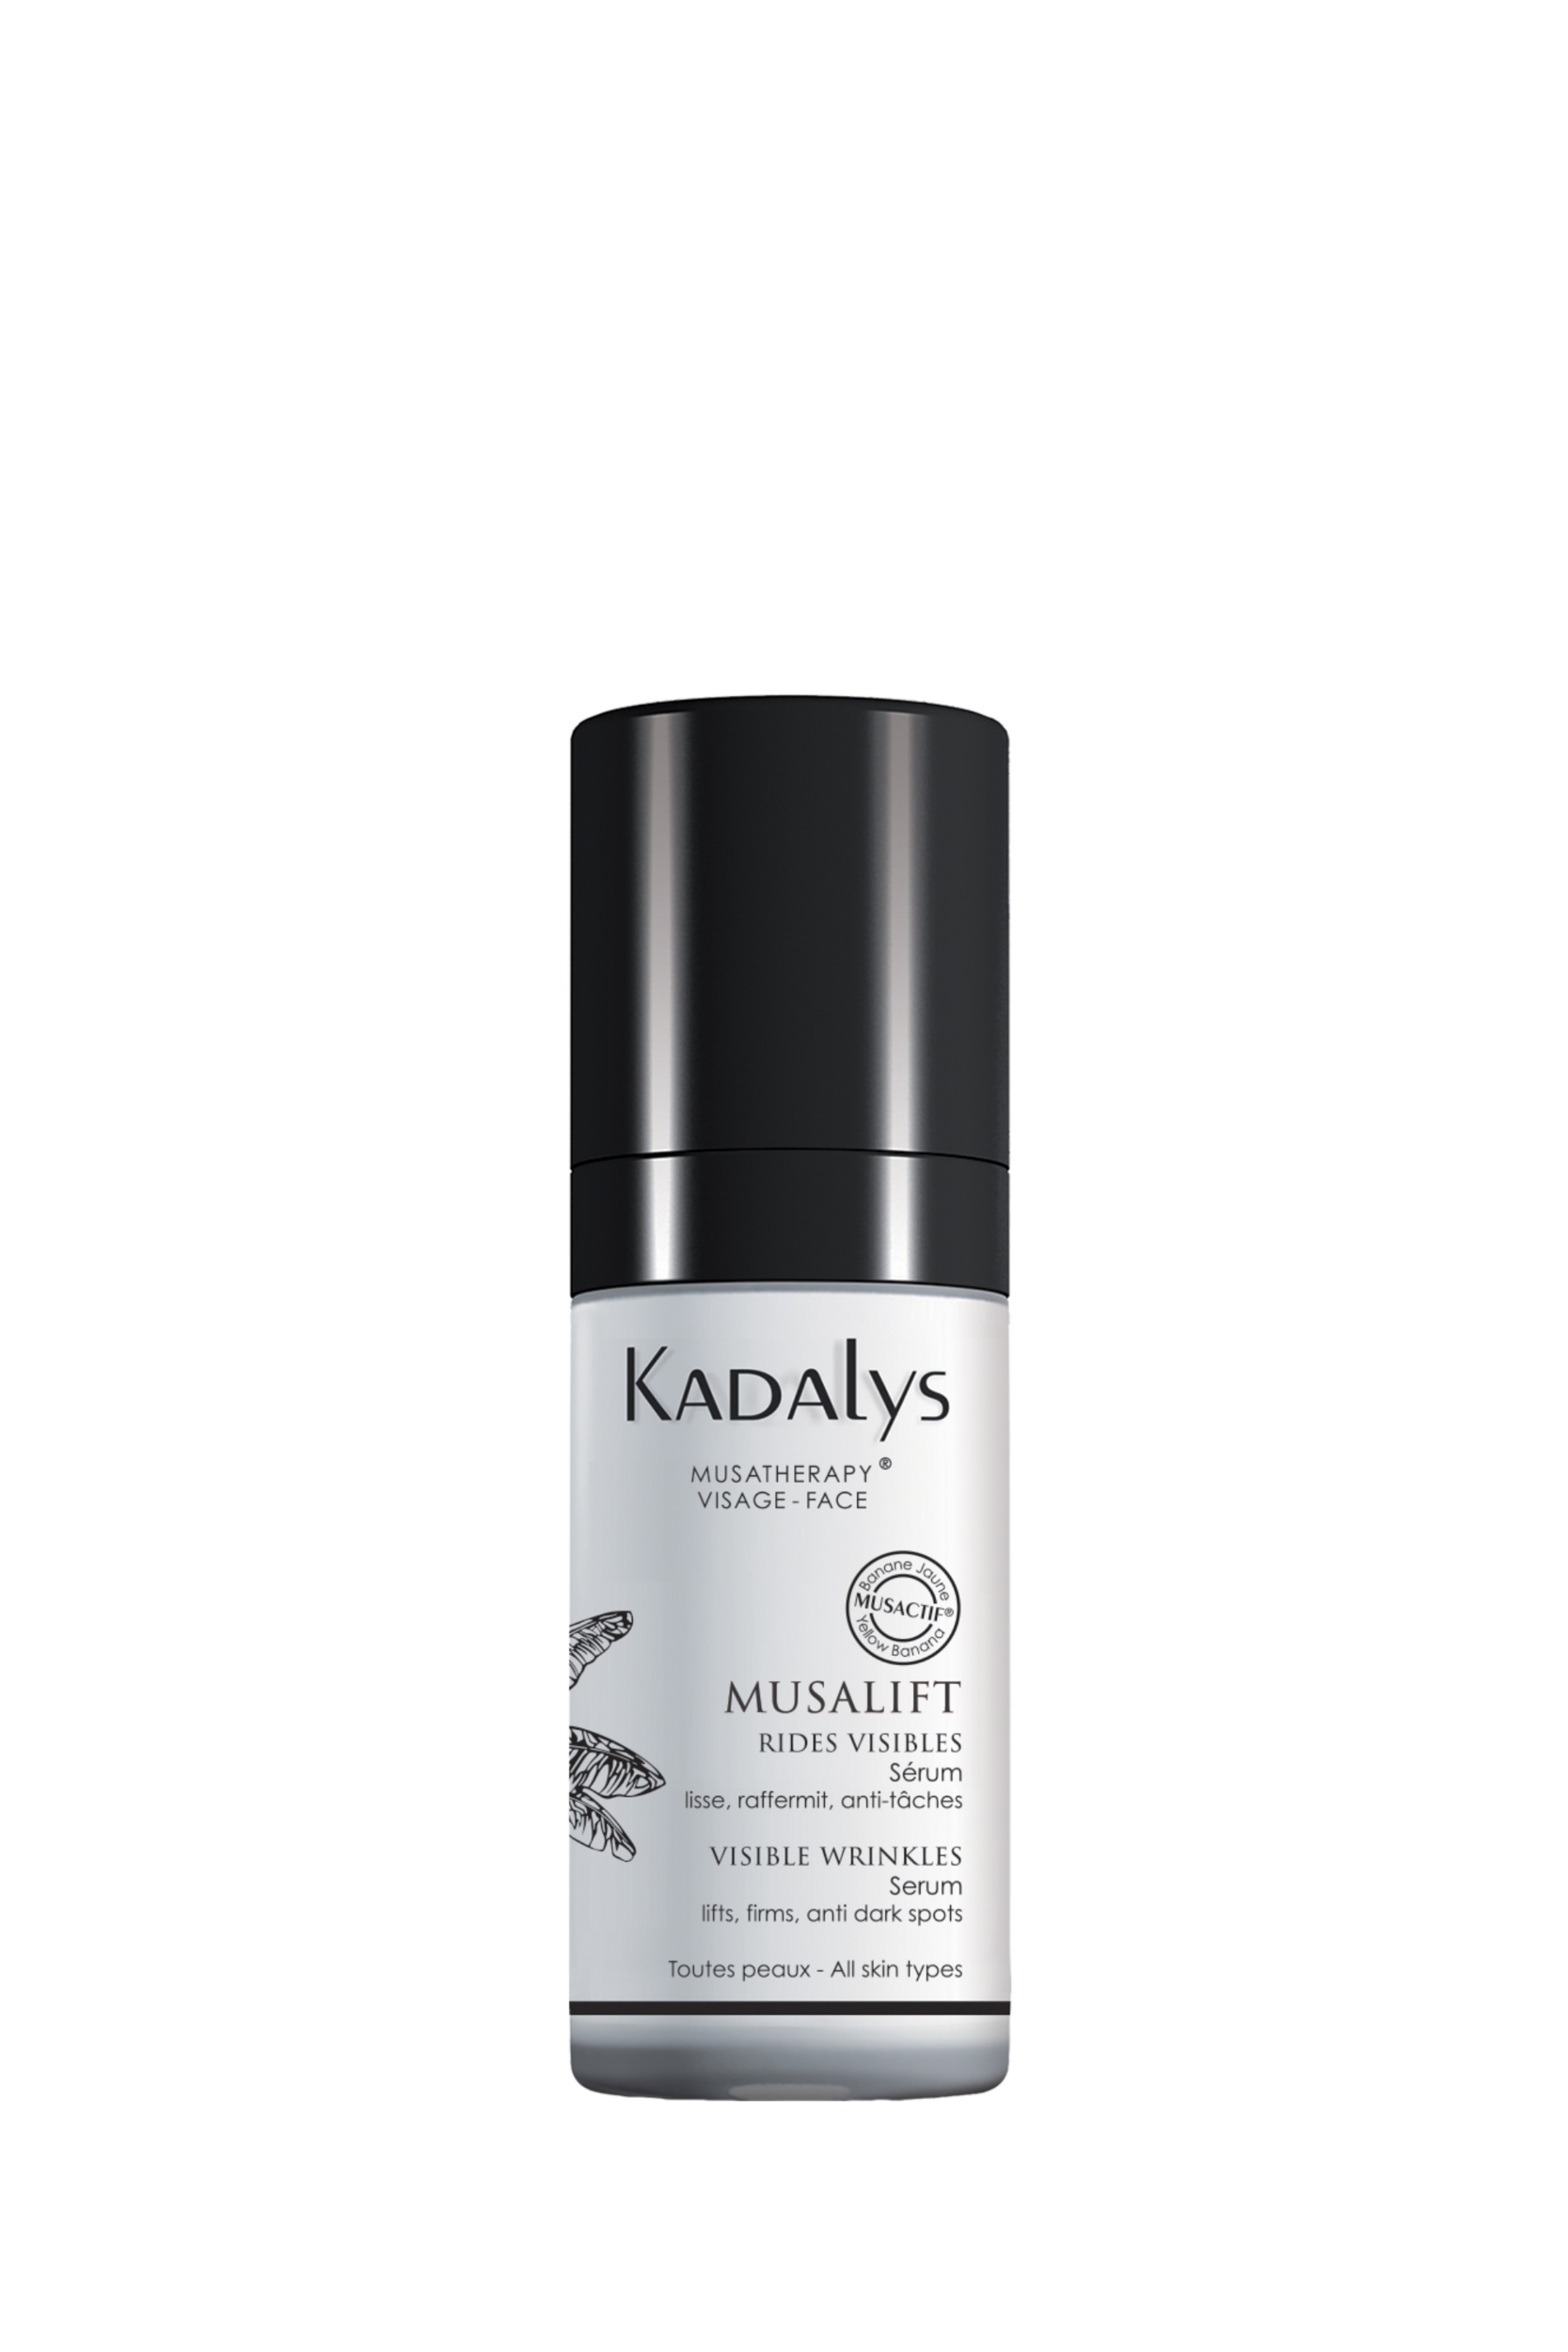 Kadalys-Musalifts